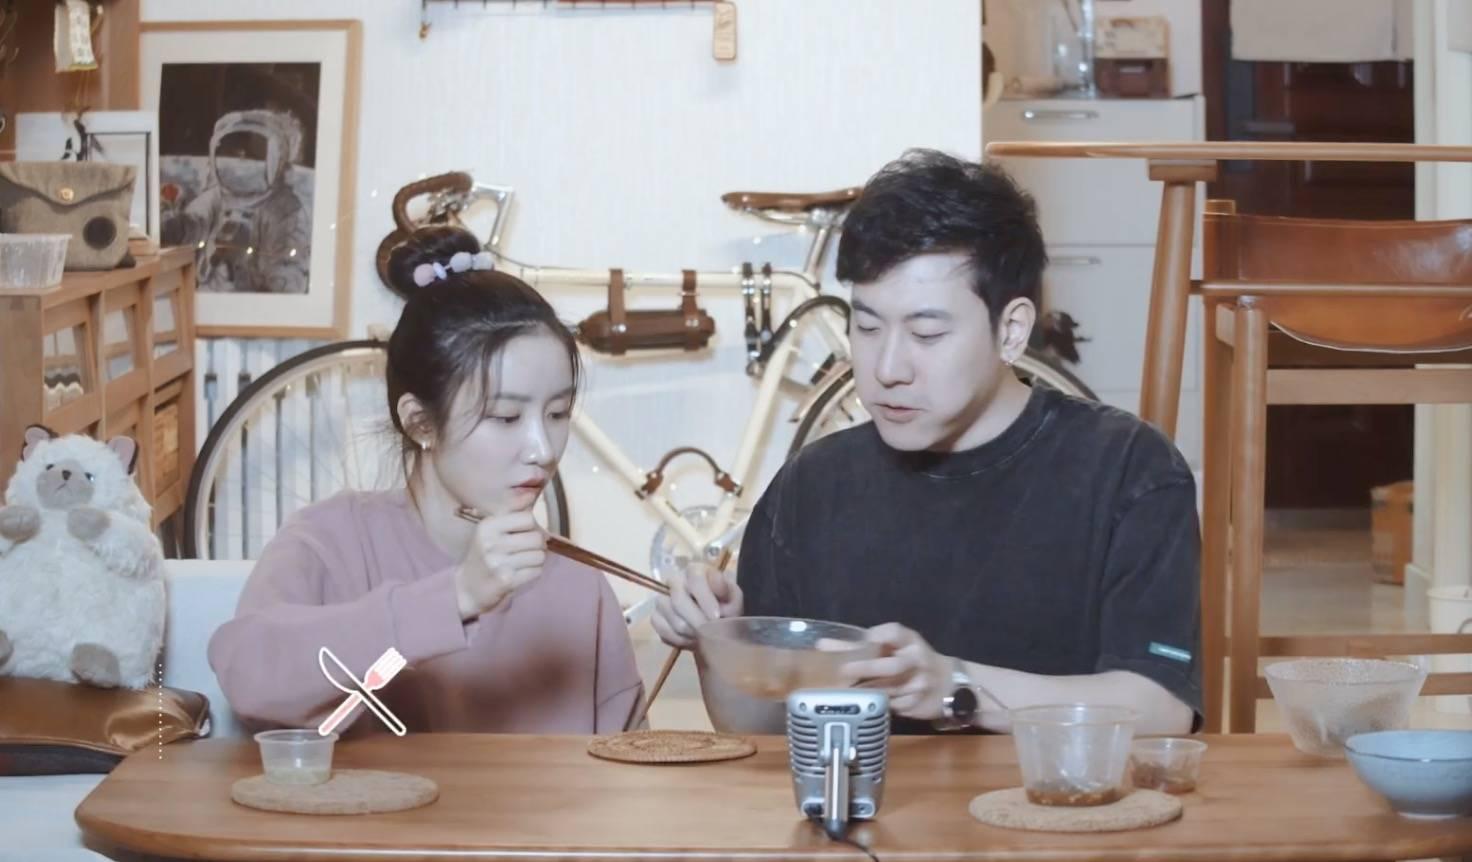 【最臭挑战】螺 蛳 粉 vs 豆 汁 儿